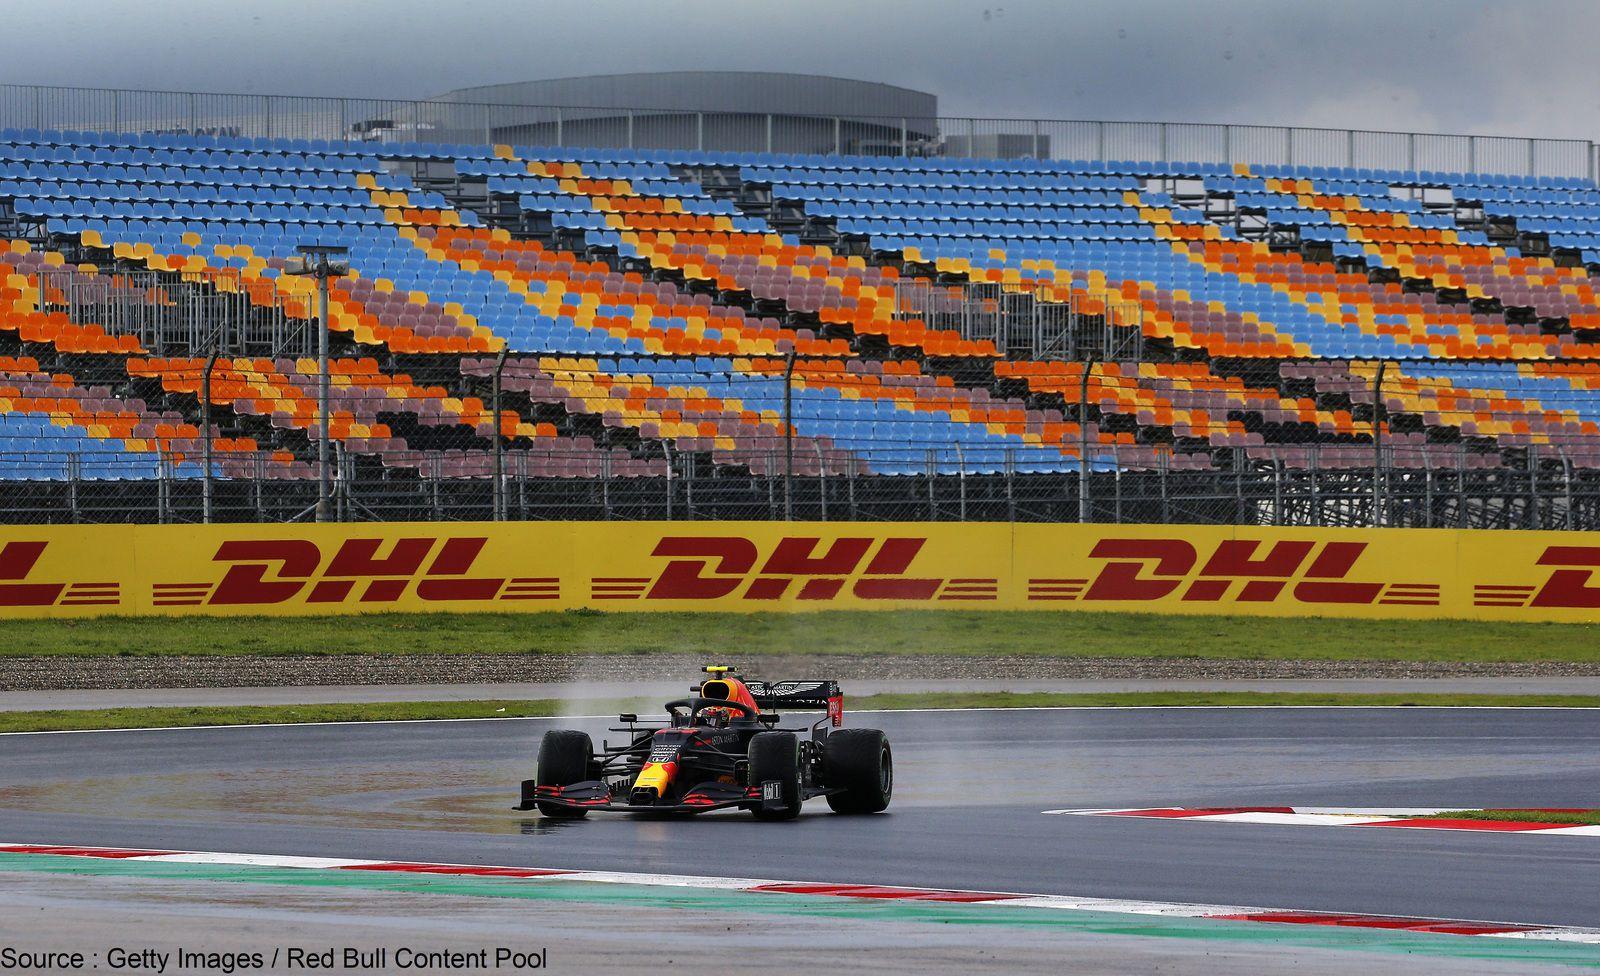 DHL poursuit son association avec la F1